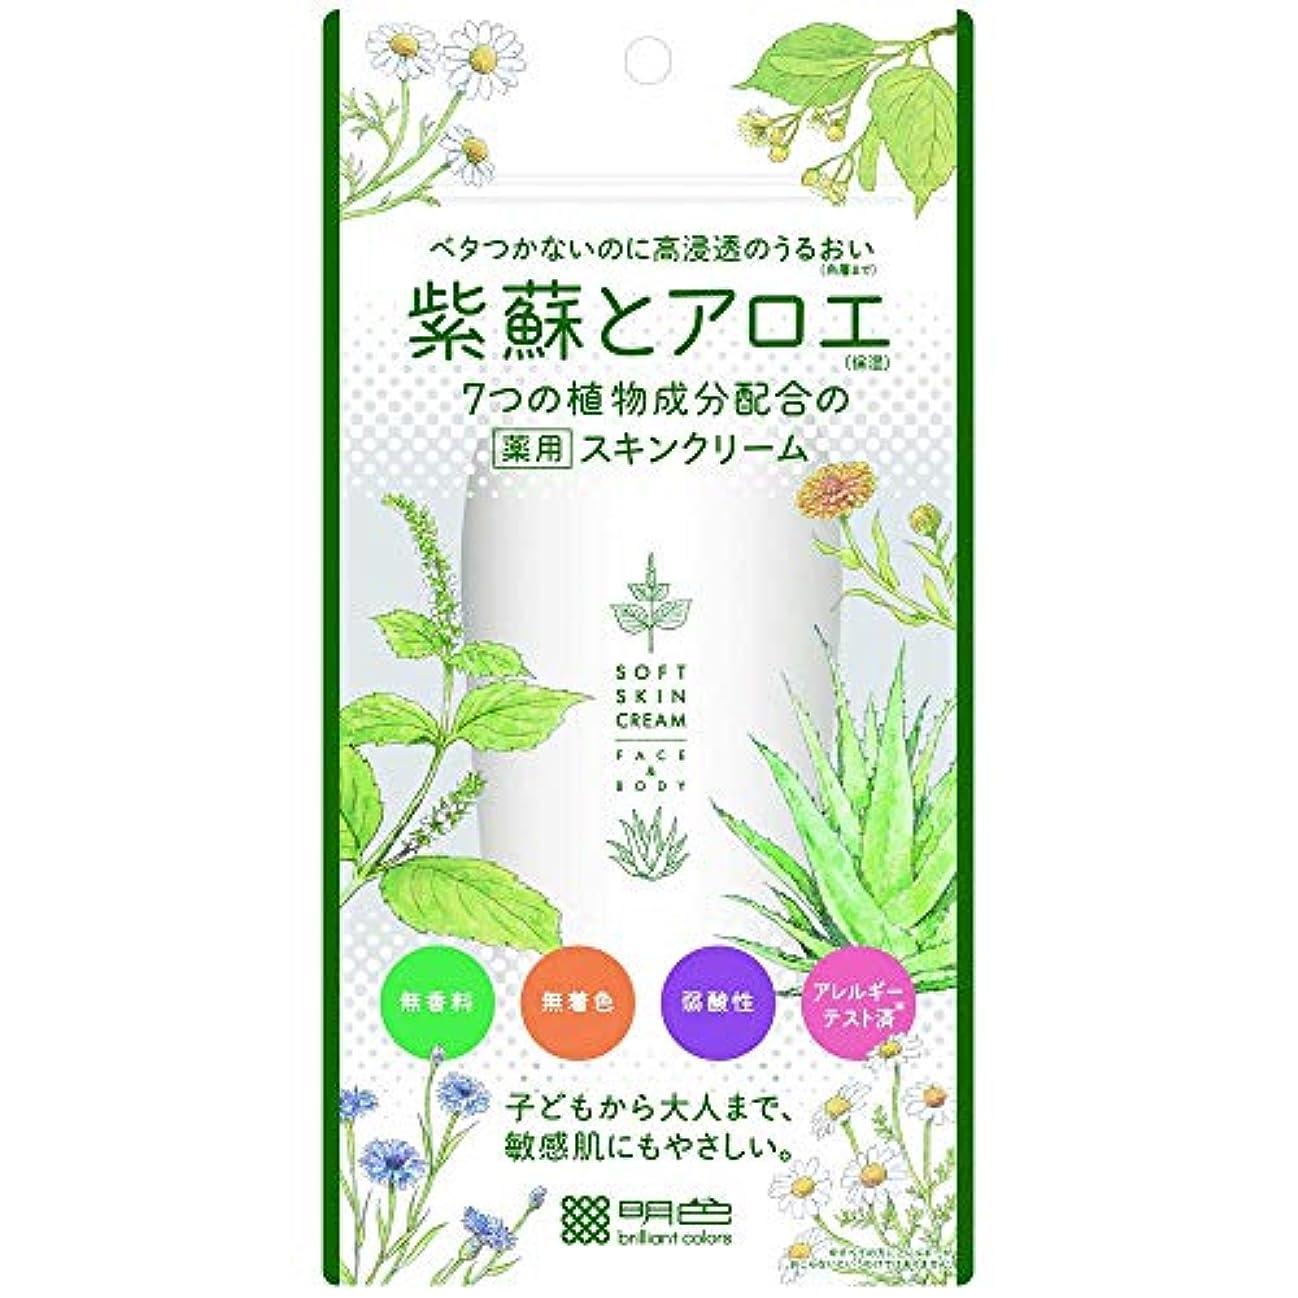 節約するハント有名な【2個セット】紫蘇とアロエ 薬用スキンクリーム 190g